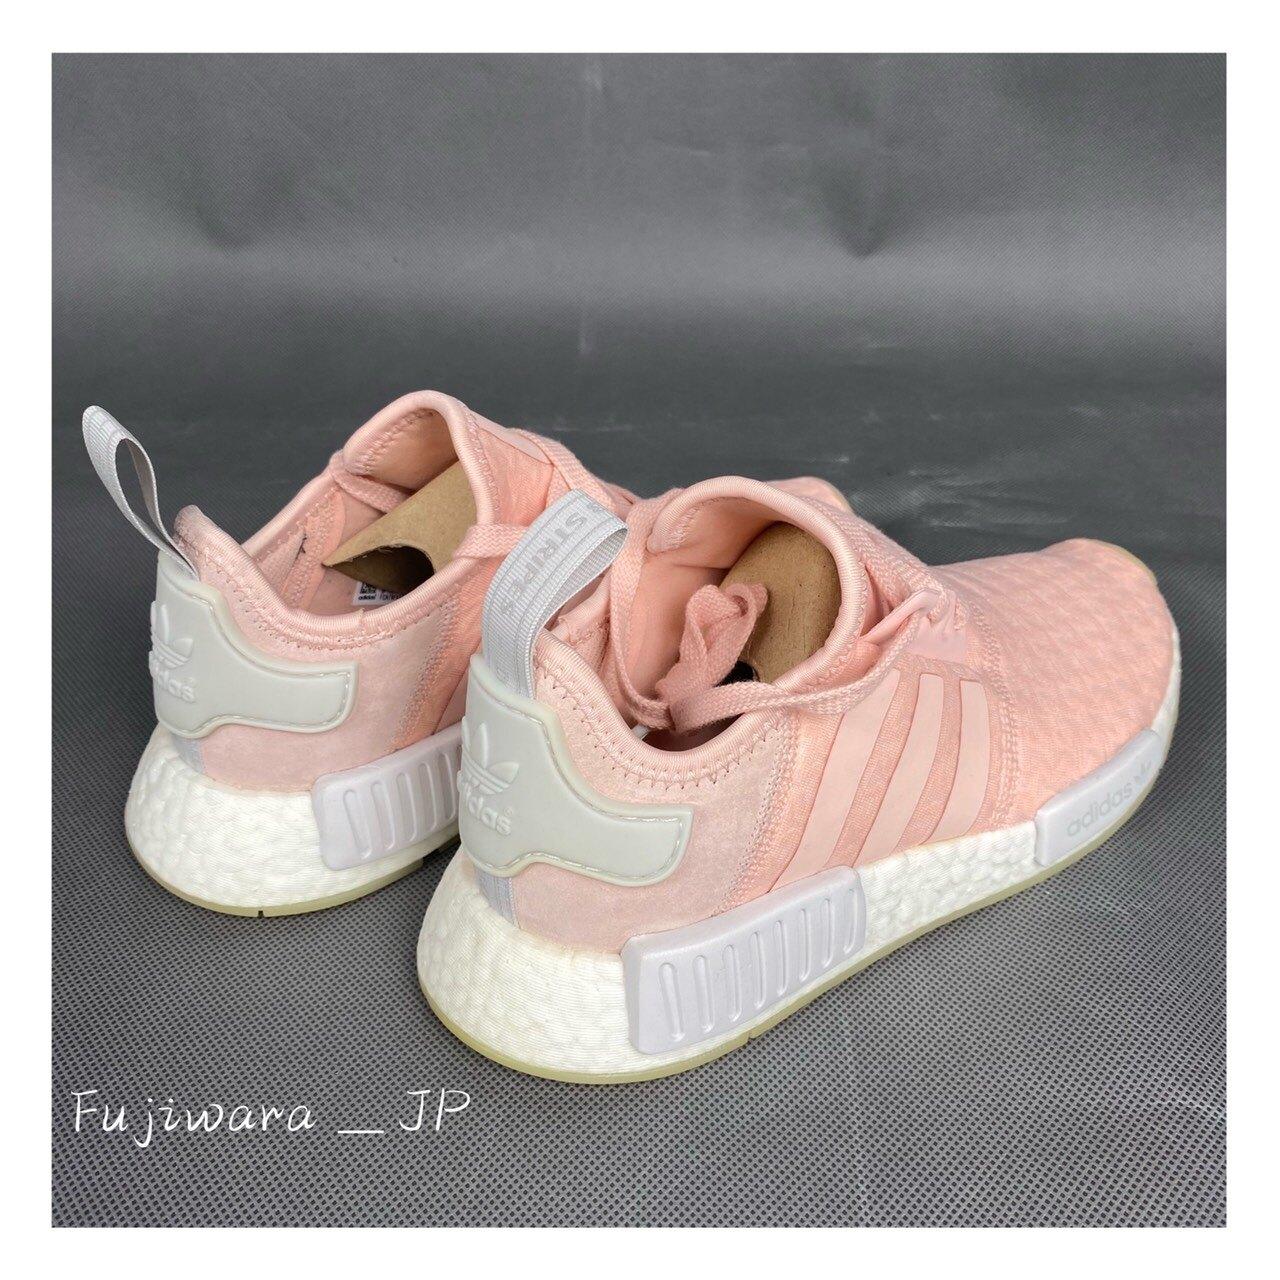 Adidas  Originals NMD R1 玫瑰粉 女鞋 AQ1161  『Fujiwara_JP』